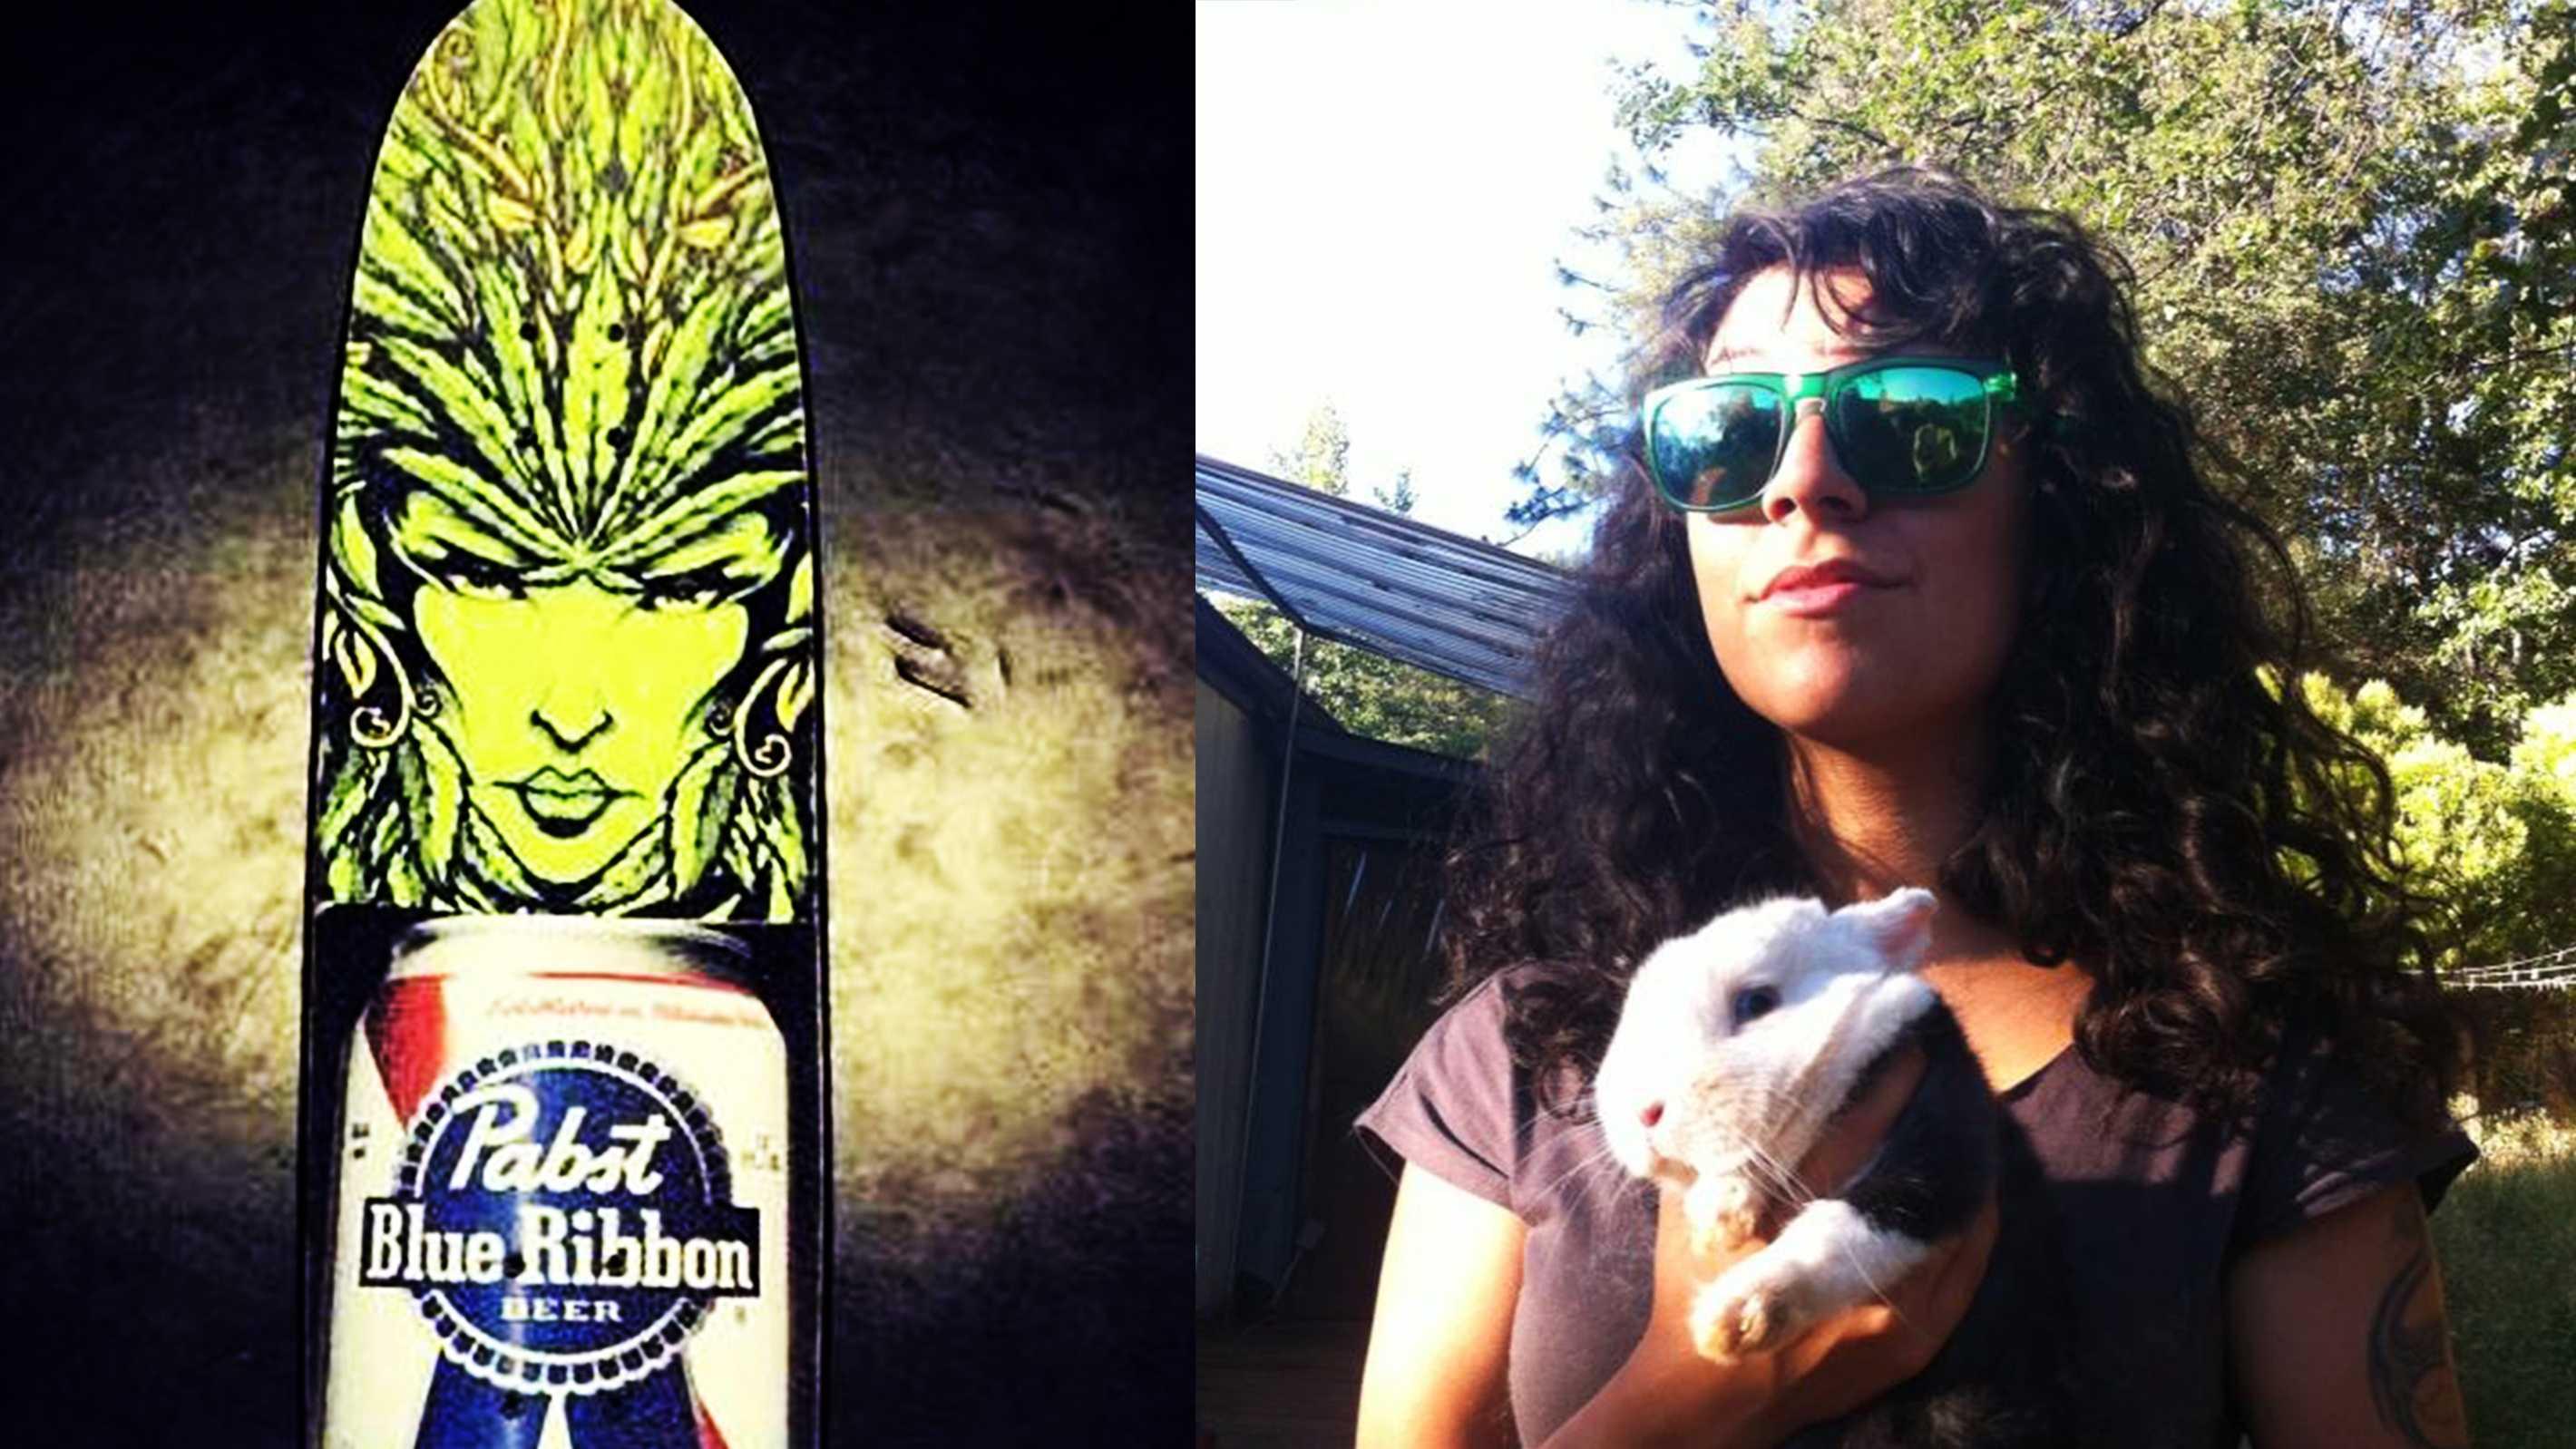 Annabelle Morlett, right, of Santa Cruz, is missing her skateboard, left.